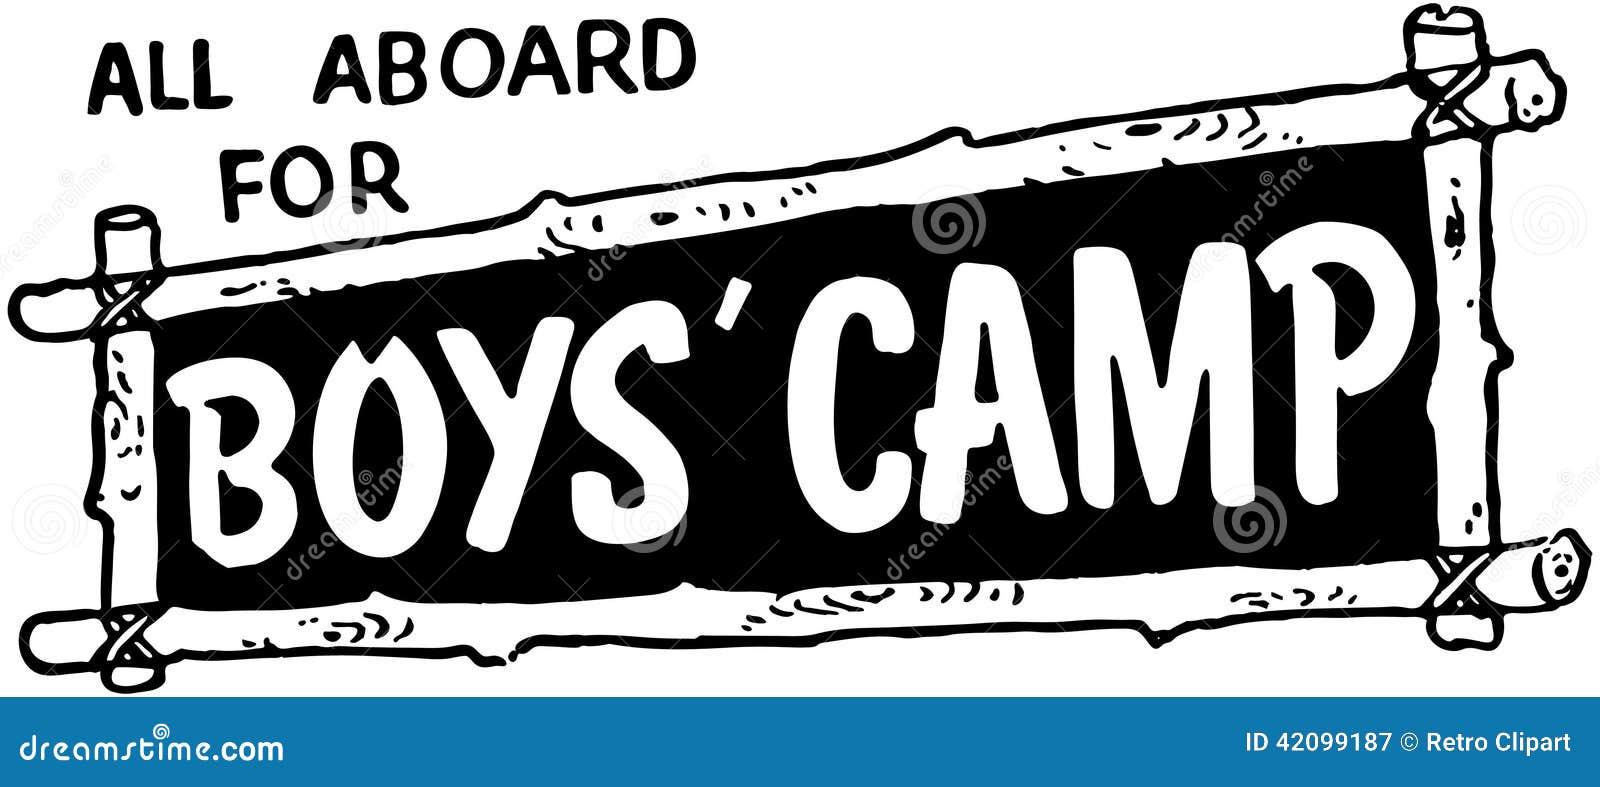 Tous à bord pour le camp de garçons